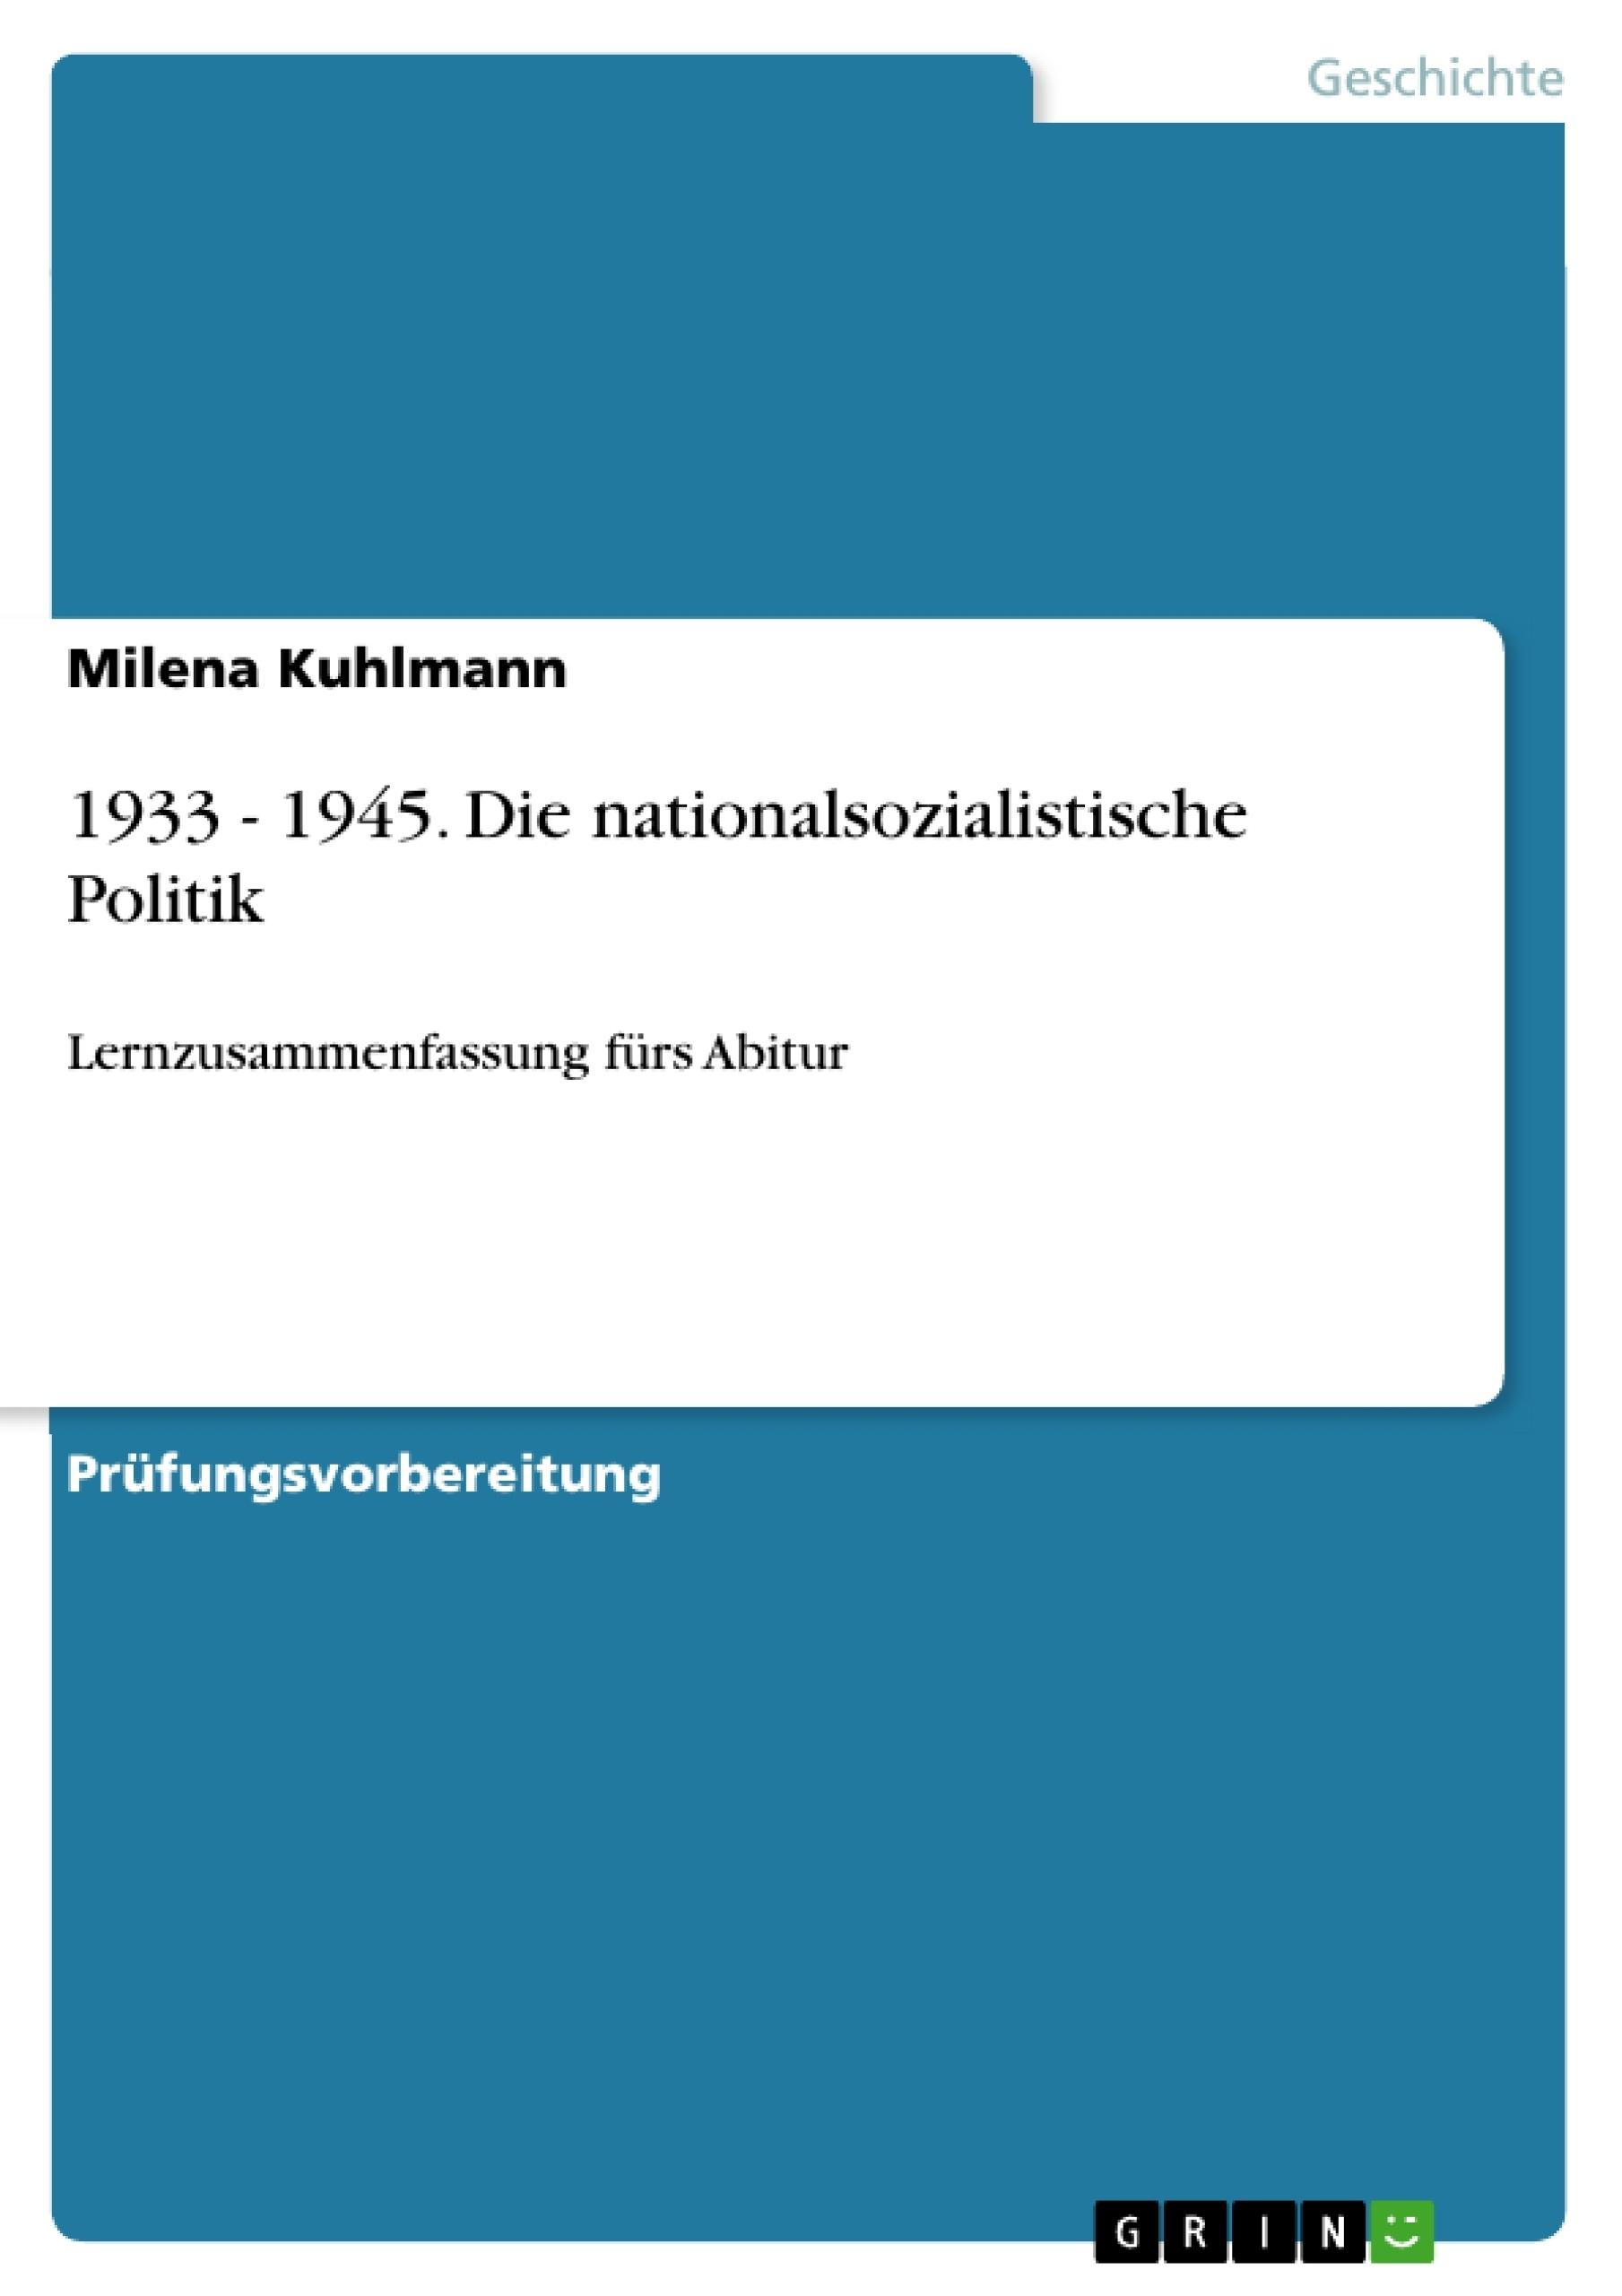 Titel: 1933 - 1945. Die nationalsozialistische Politik